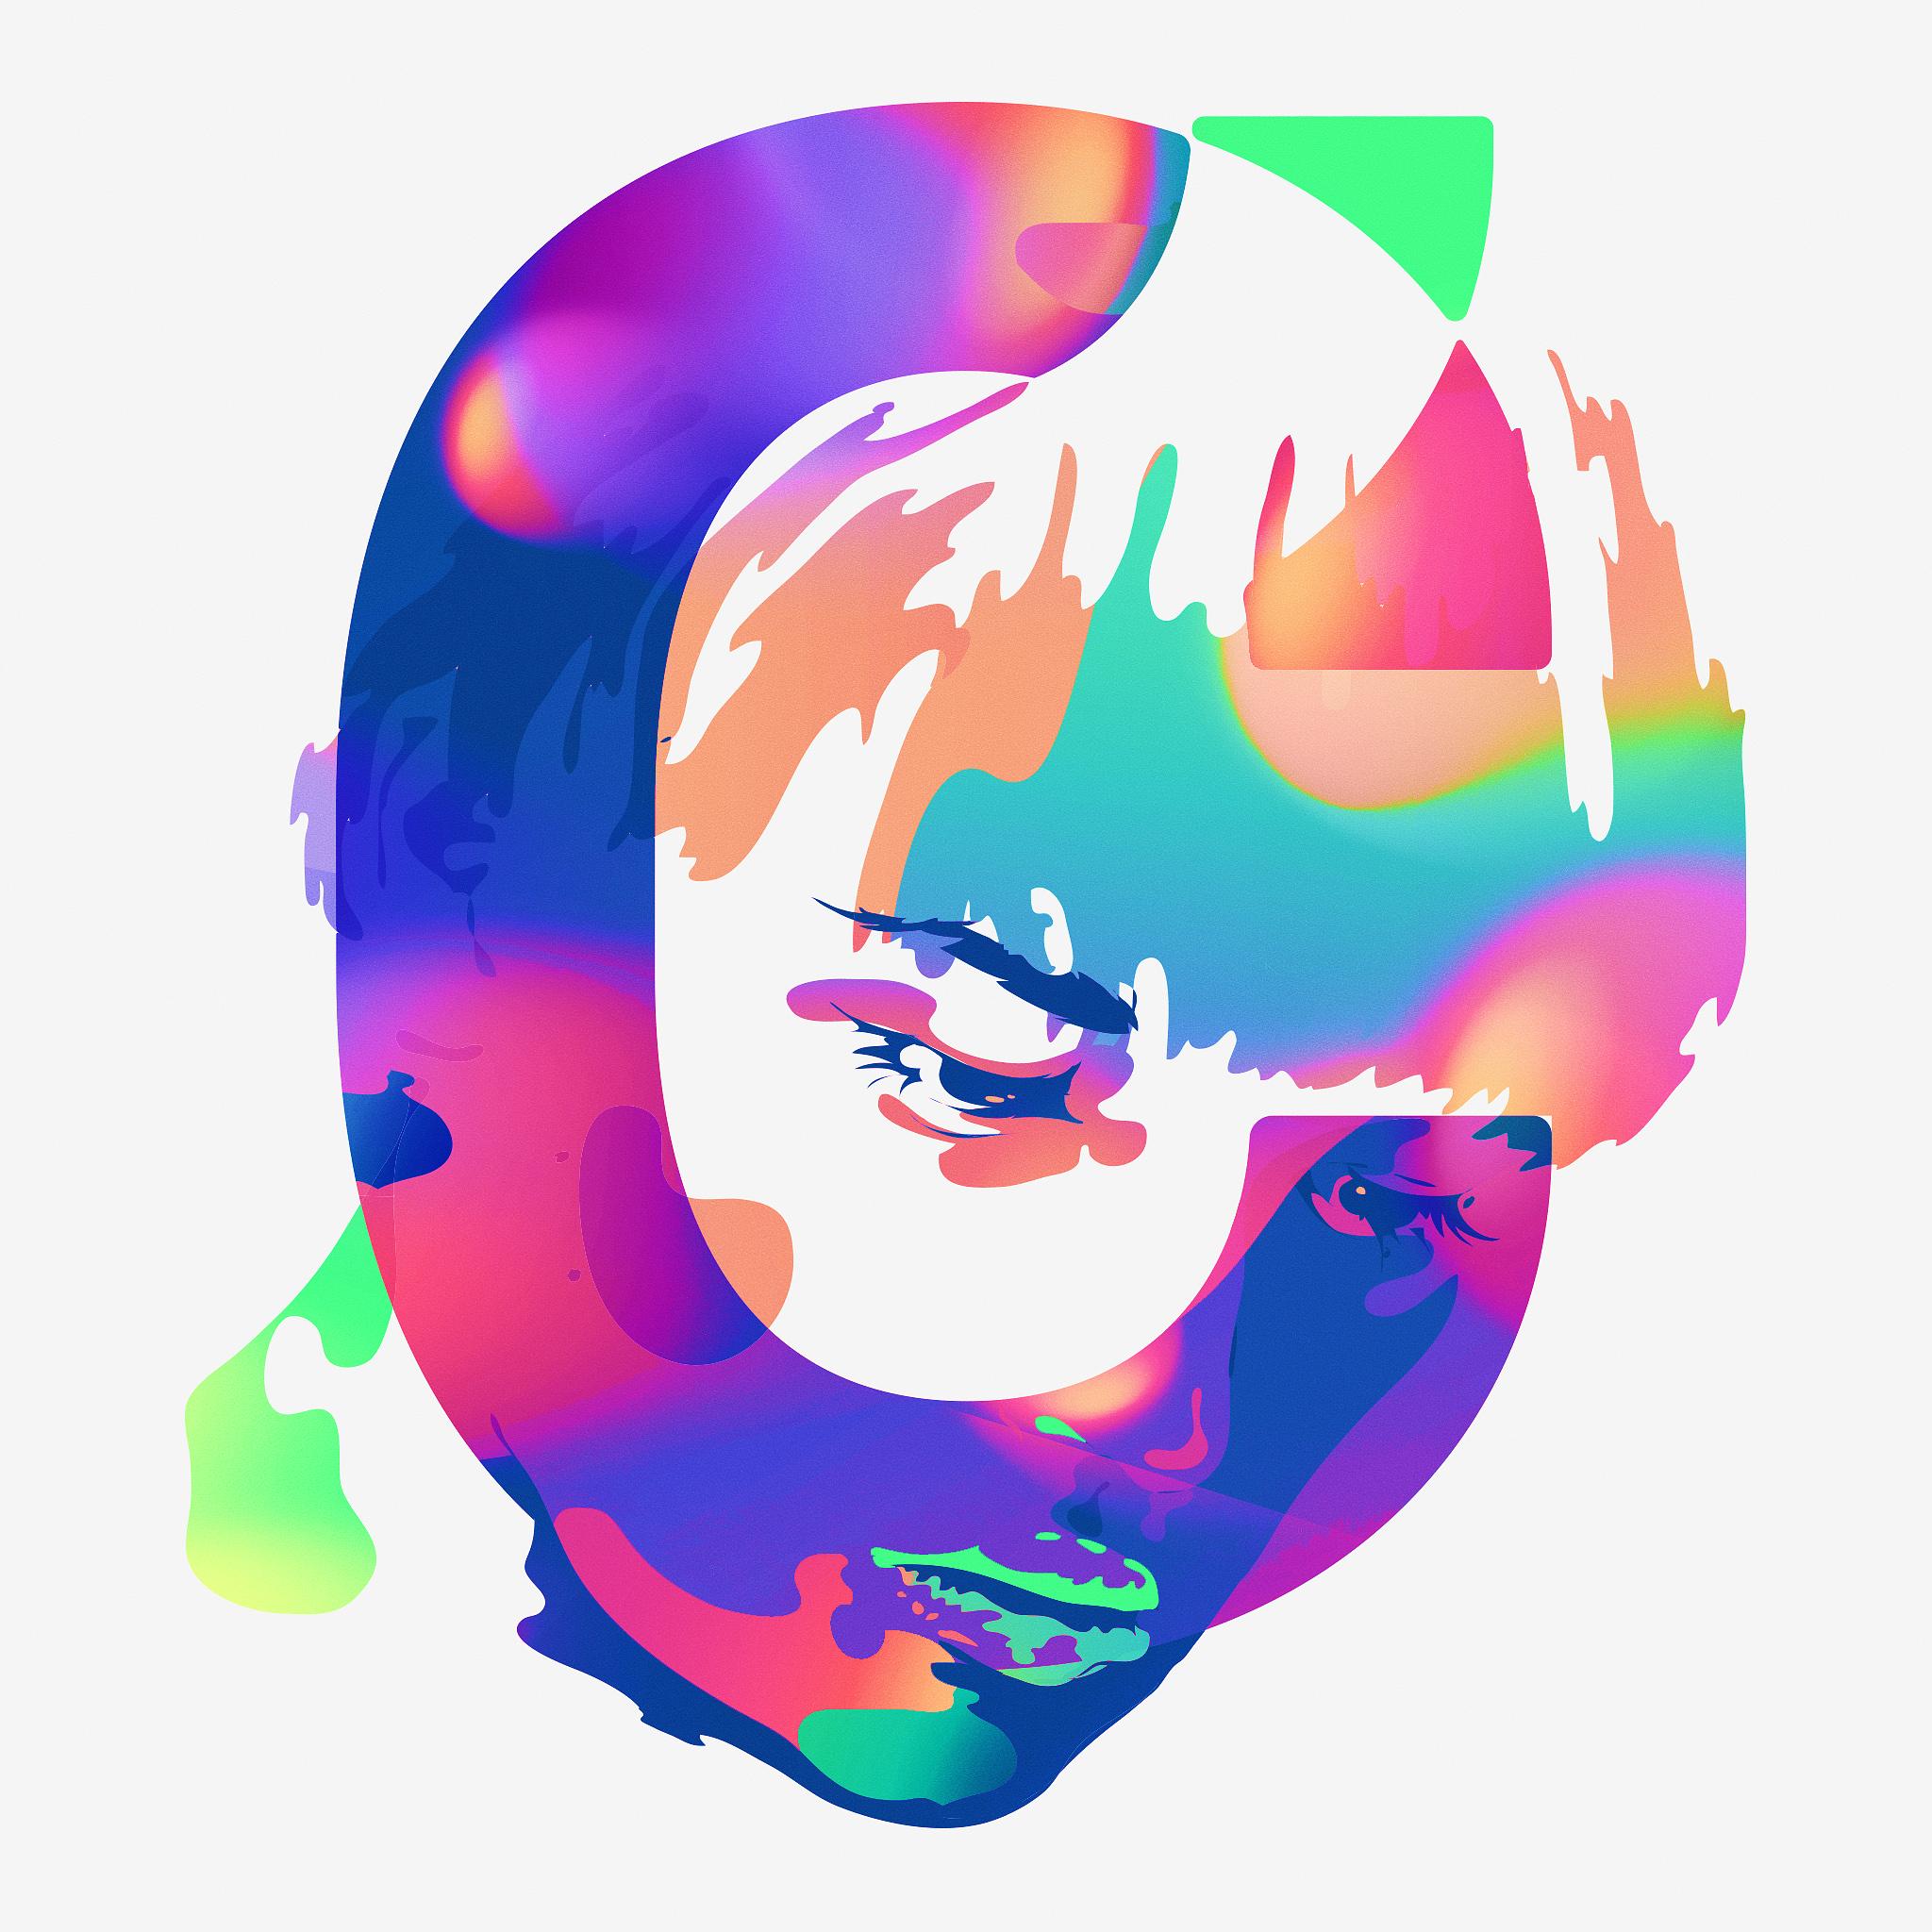 Alpha-C-Cantfeelmyface